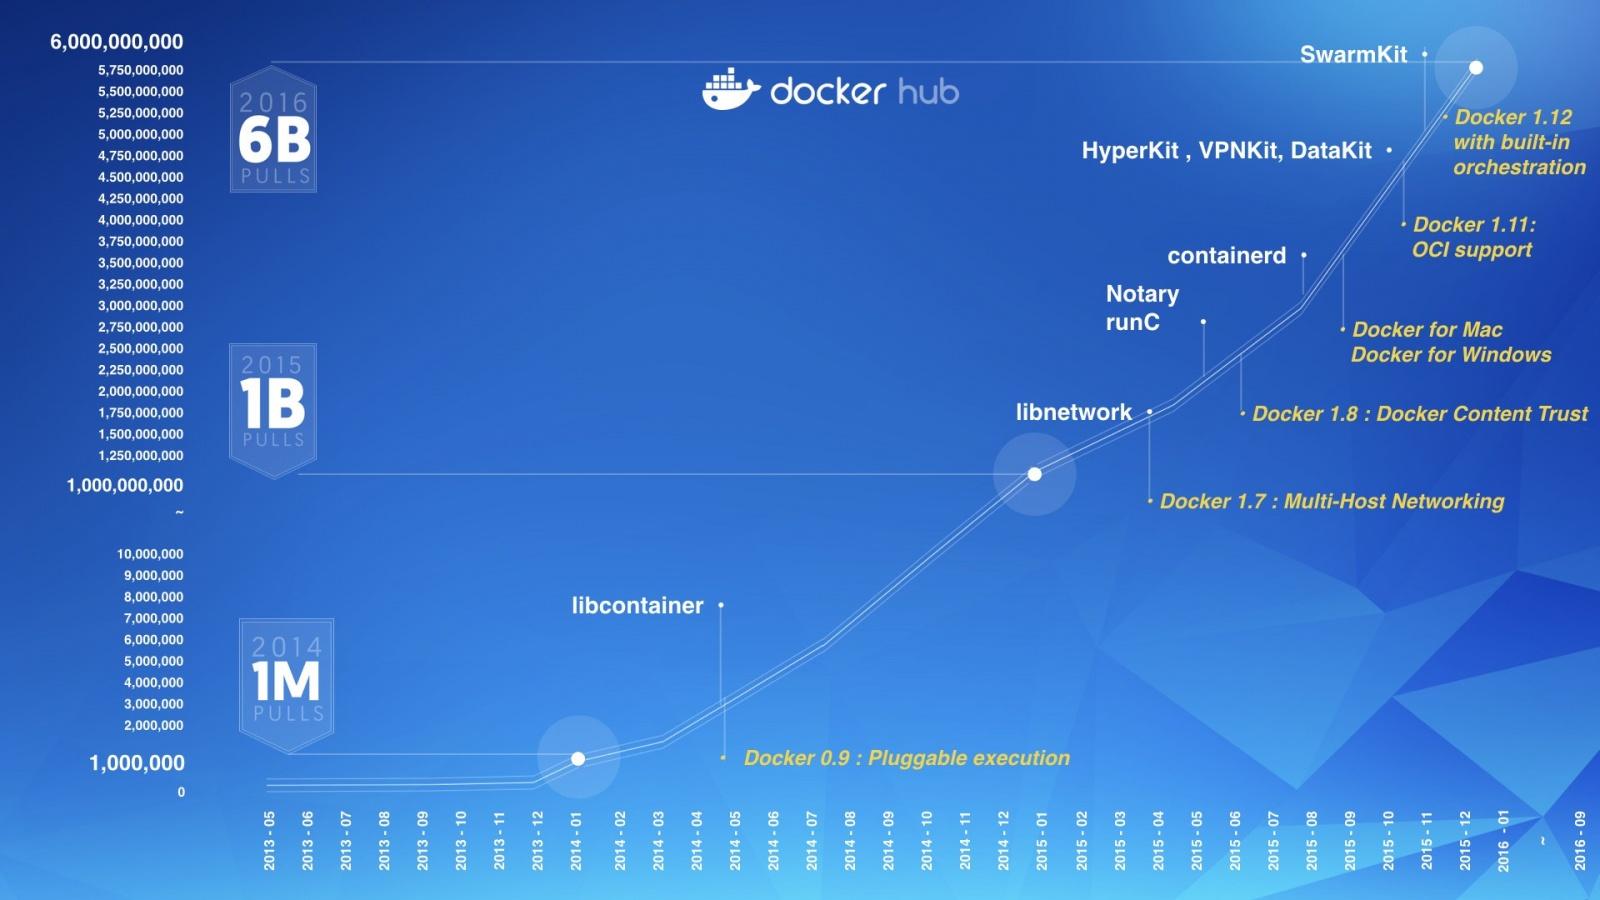 Статистика по базовым операционным системам в образах на Docker Hub - 9